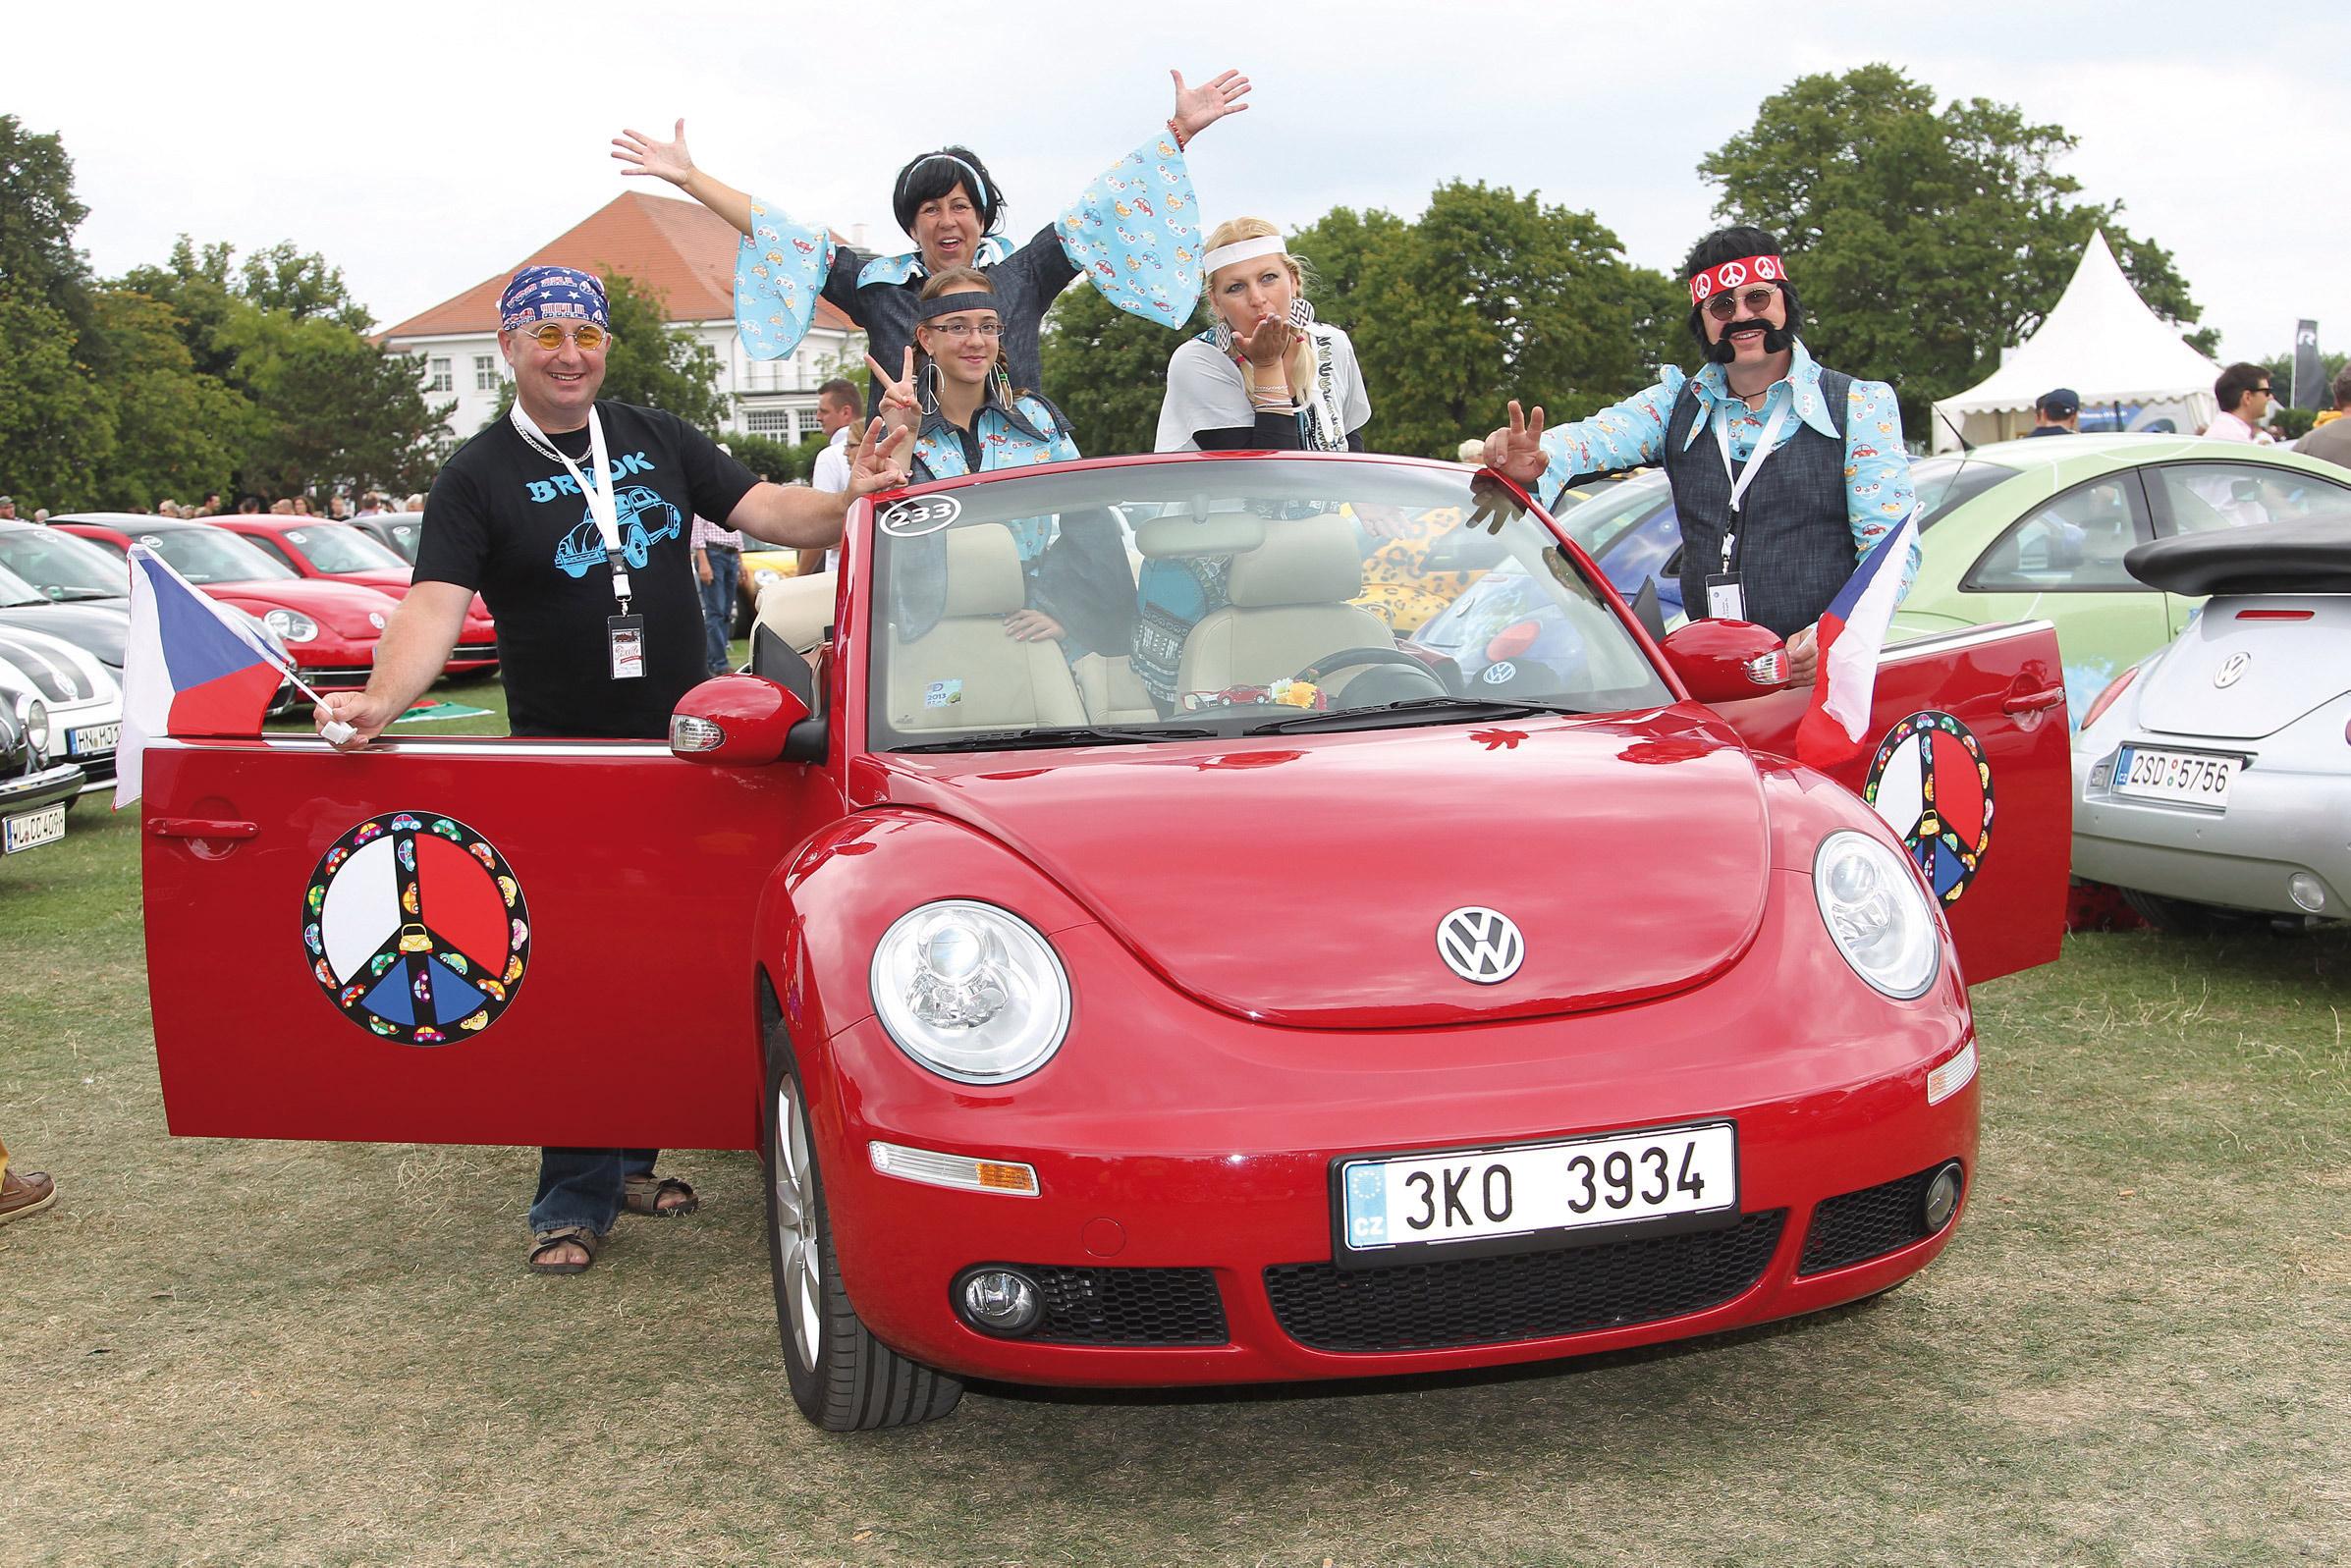 volkswagen-beetle-baltic-sea-2013-009